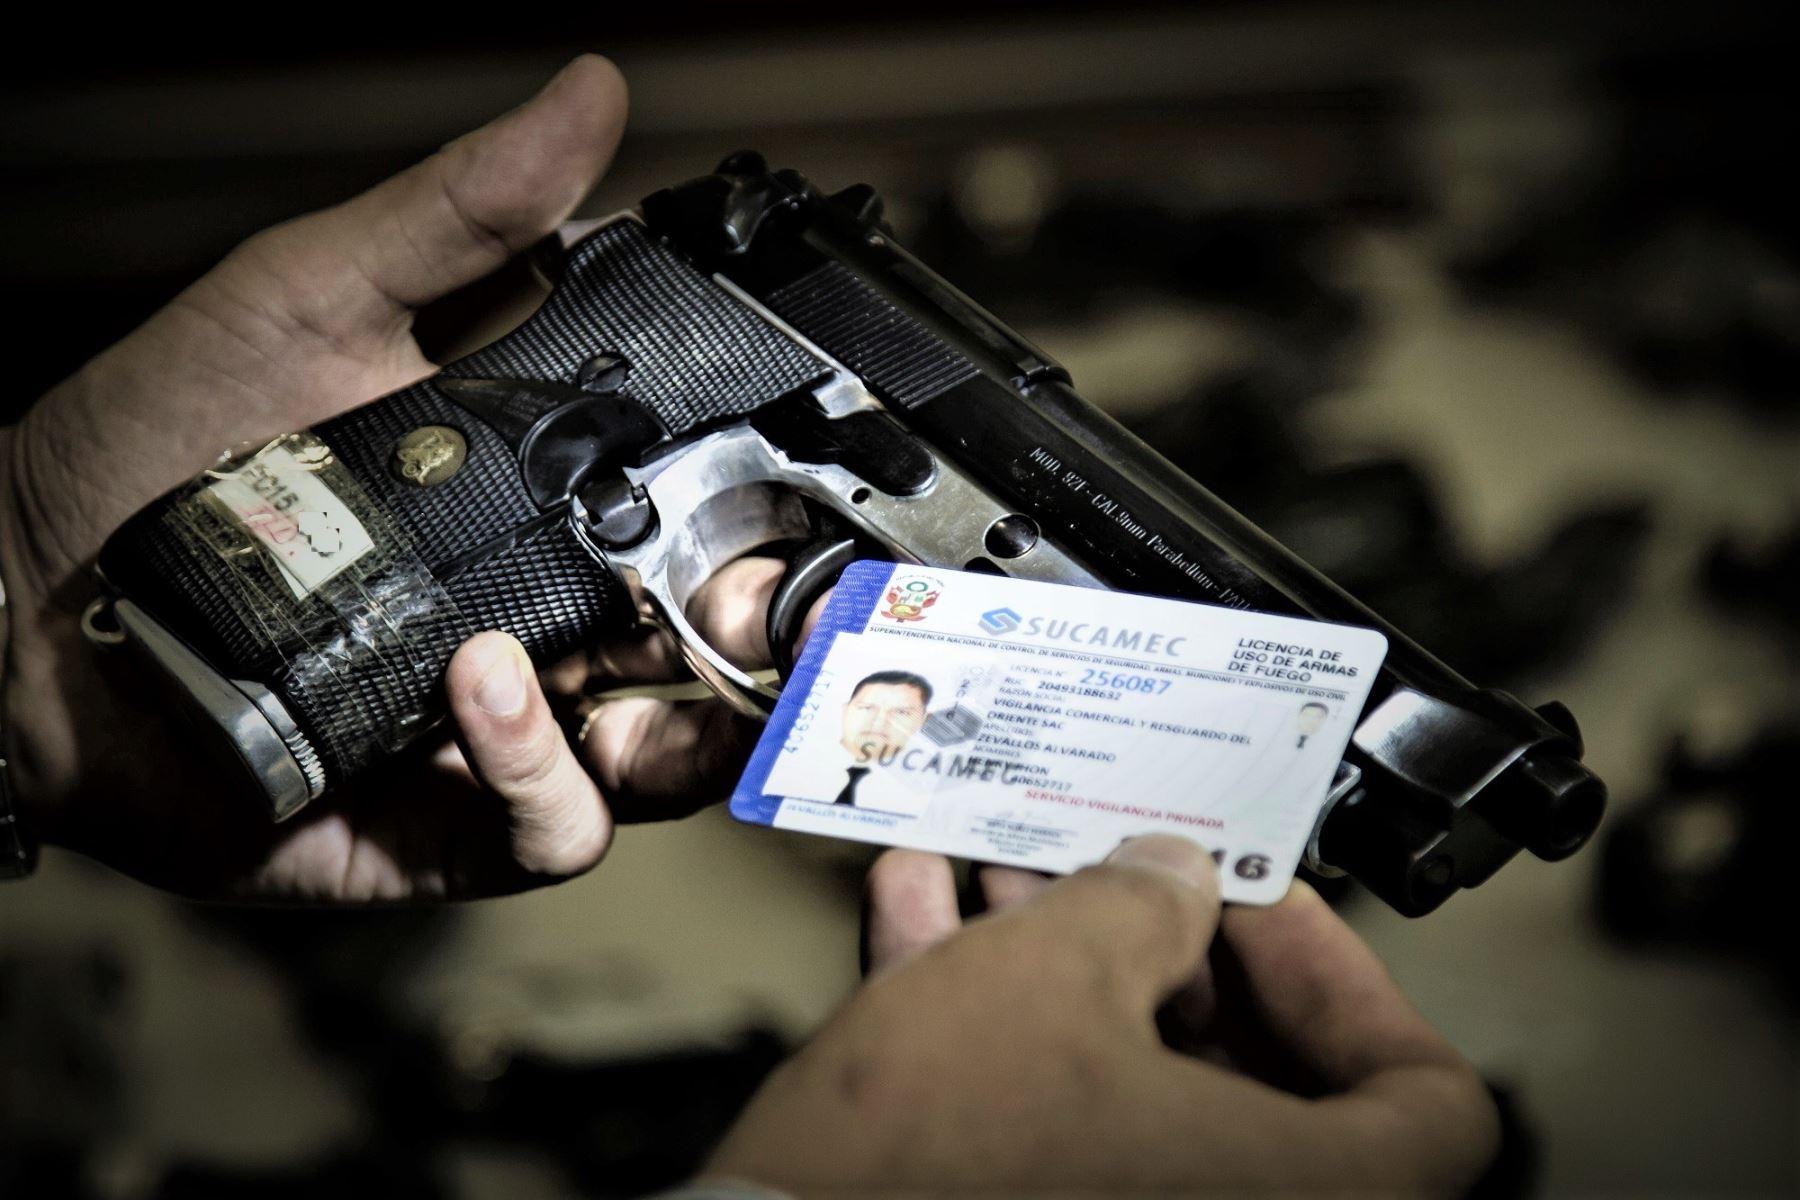 Sucamec Facilita La Renovación De Licencia De Armas En